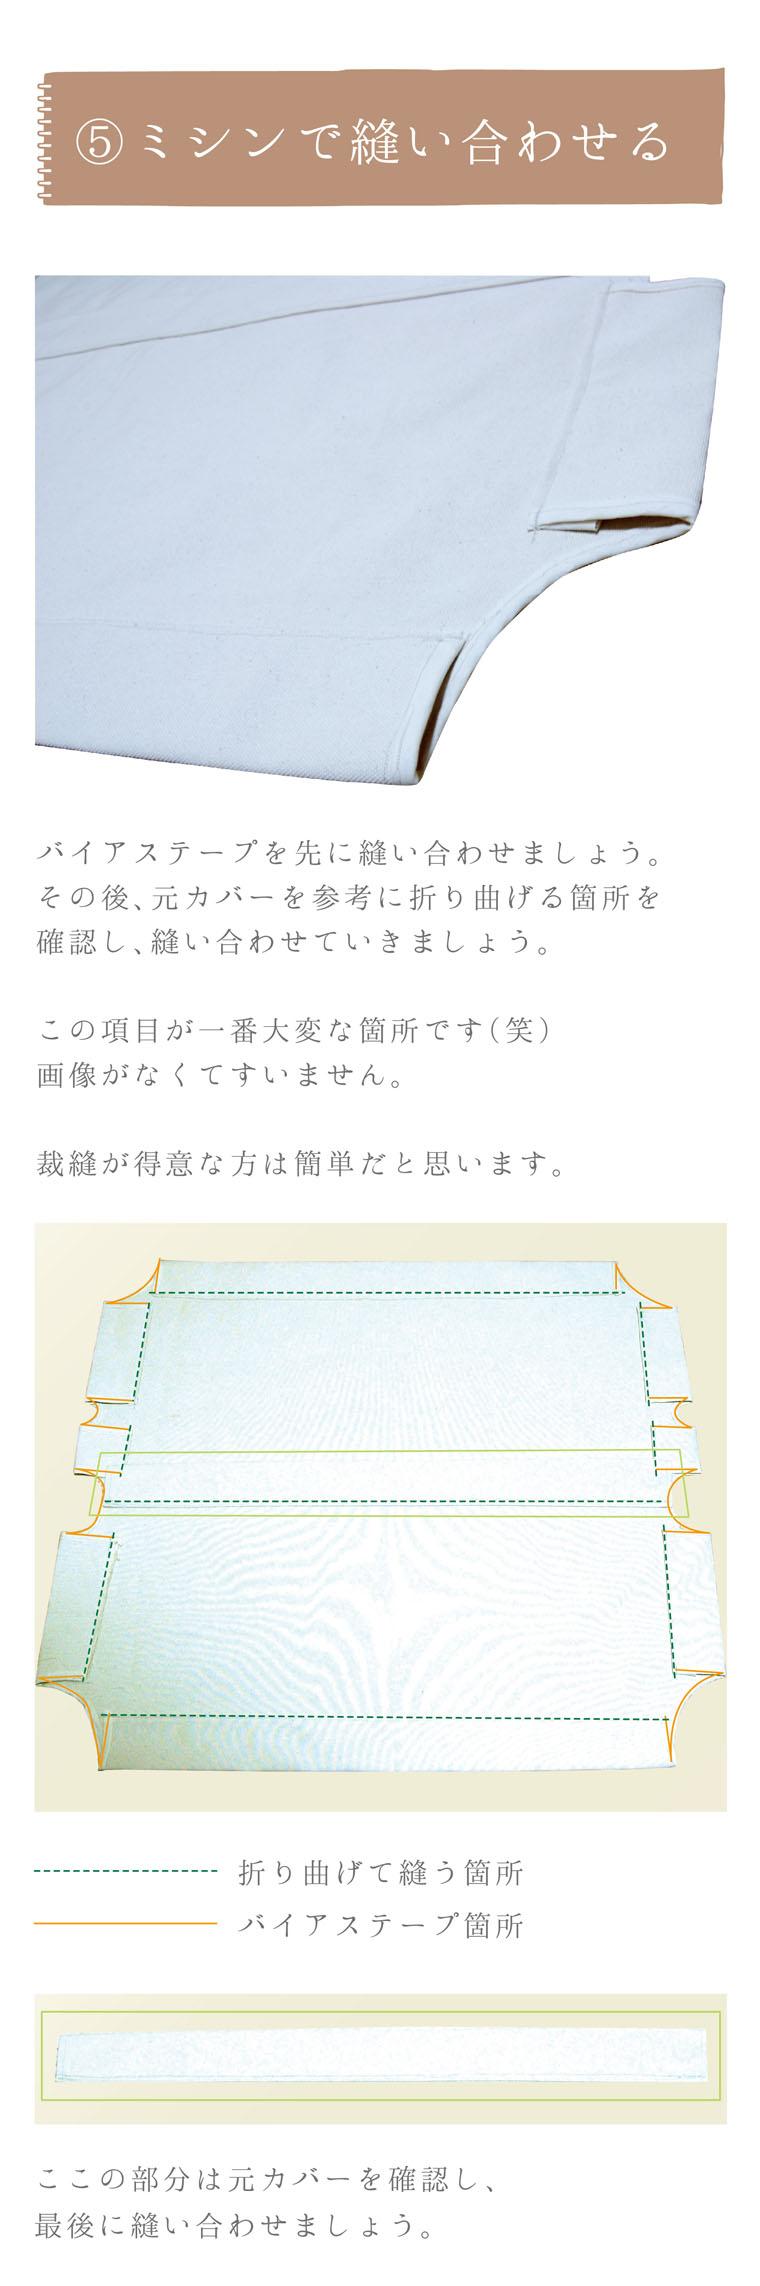 shikachair08